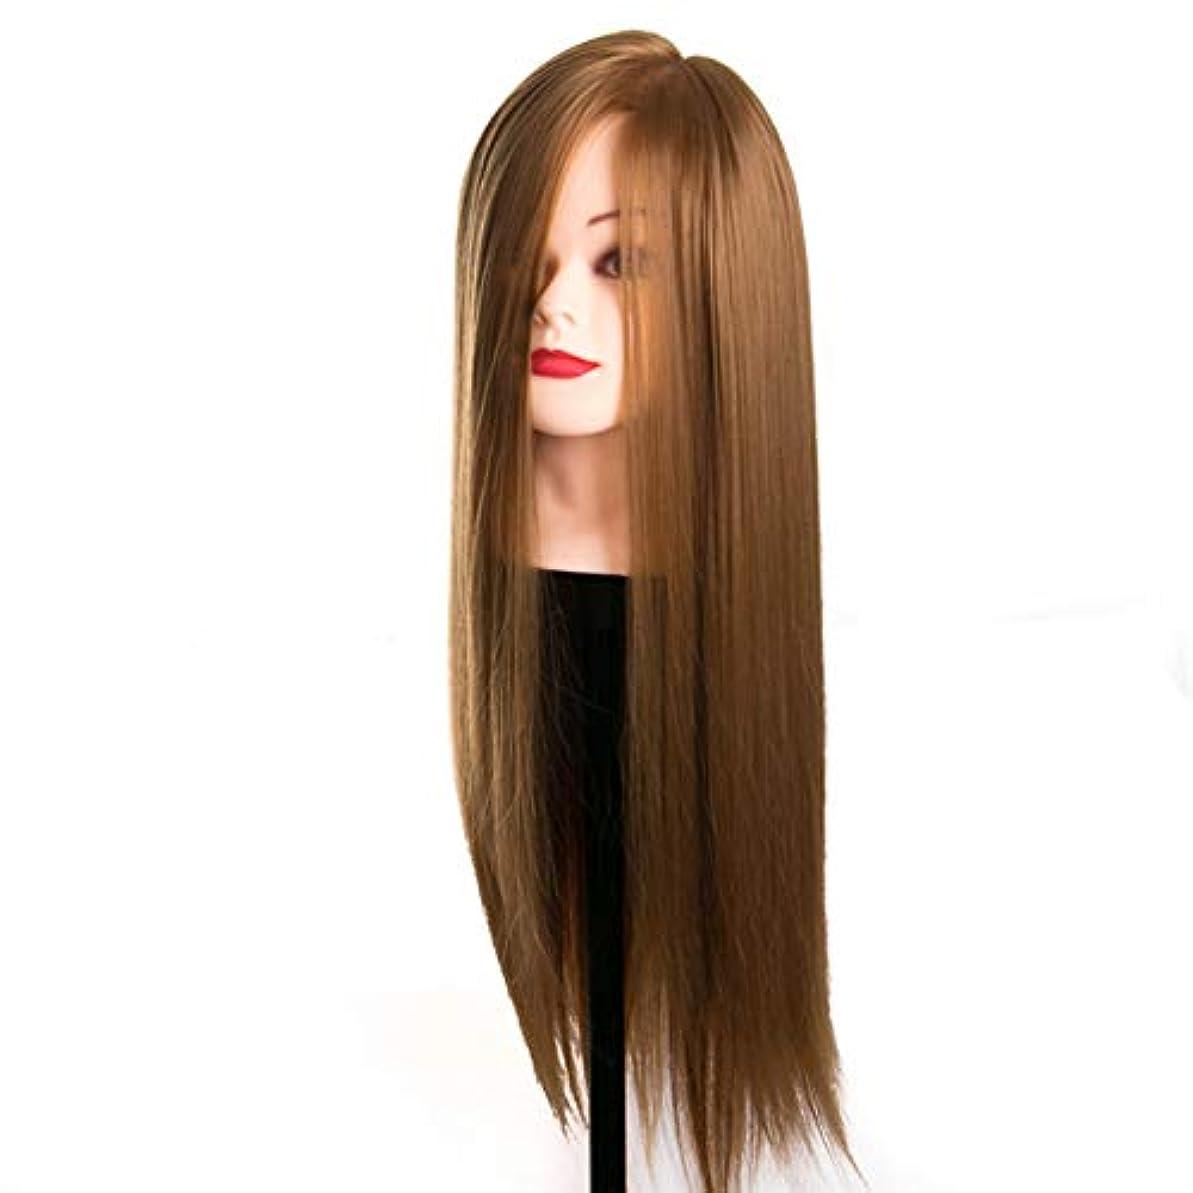 アシュリータファーマンサリー冗談でメイクディスクヘアスタイリング編み教育ダミーヘッド理髪ヘアカットトレーニングかつらサロンエクササイズヘッド金型3個